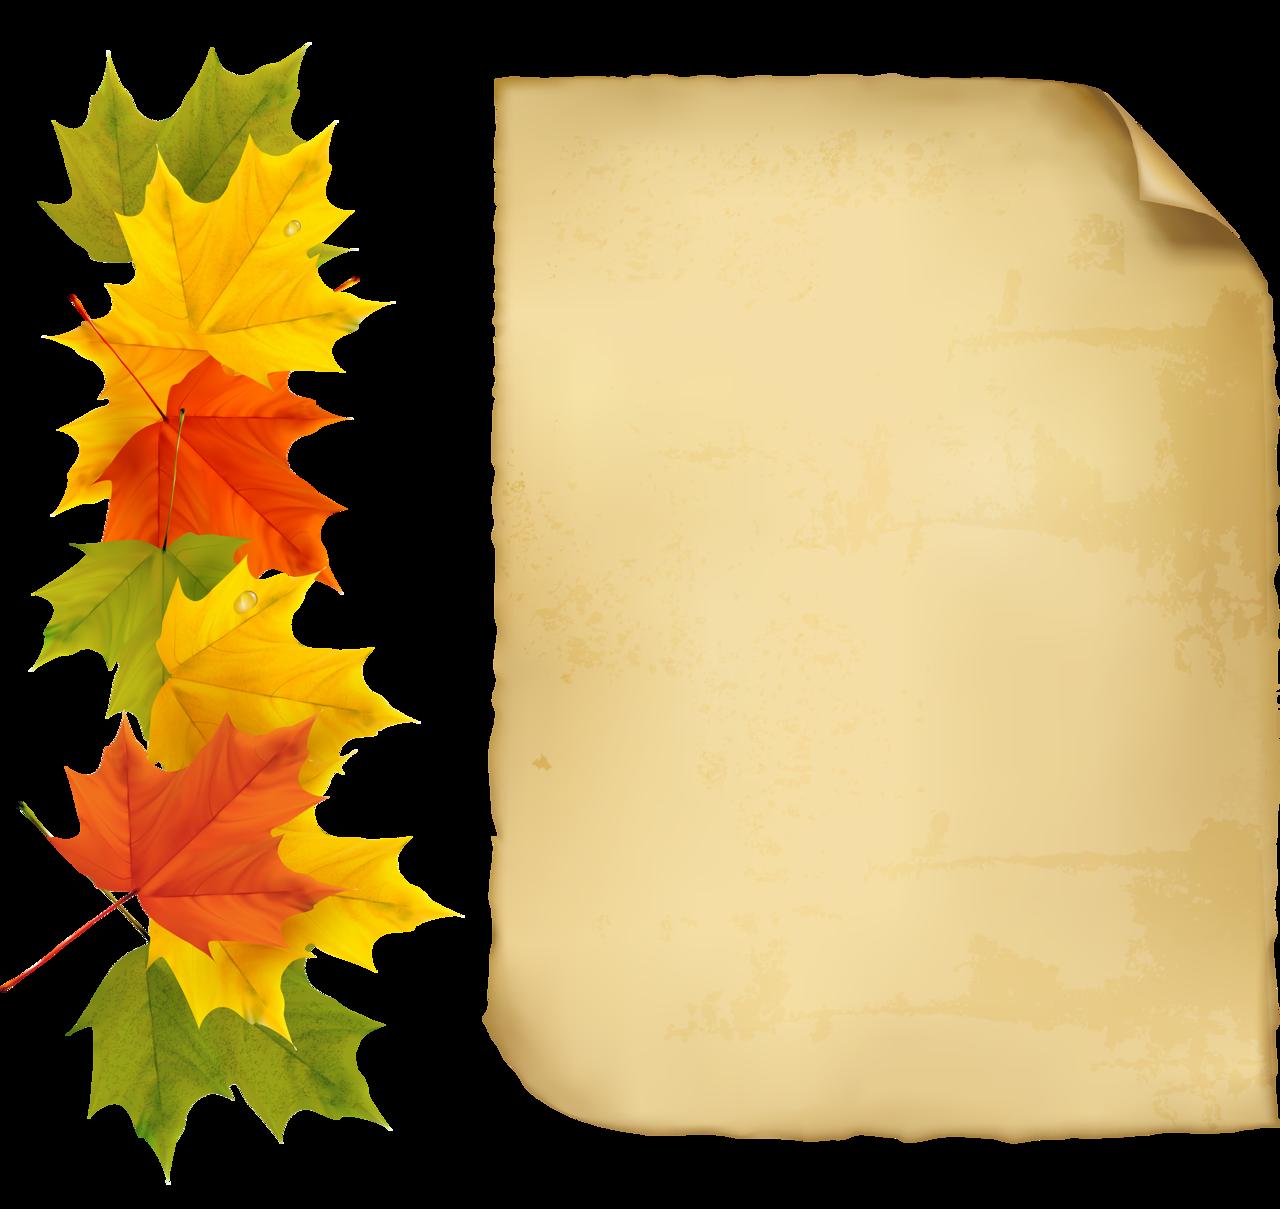 пилу осенние листья картинки для оформления презентации сделать хозблок